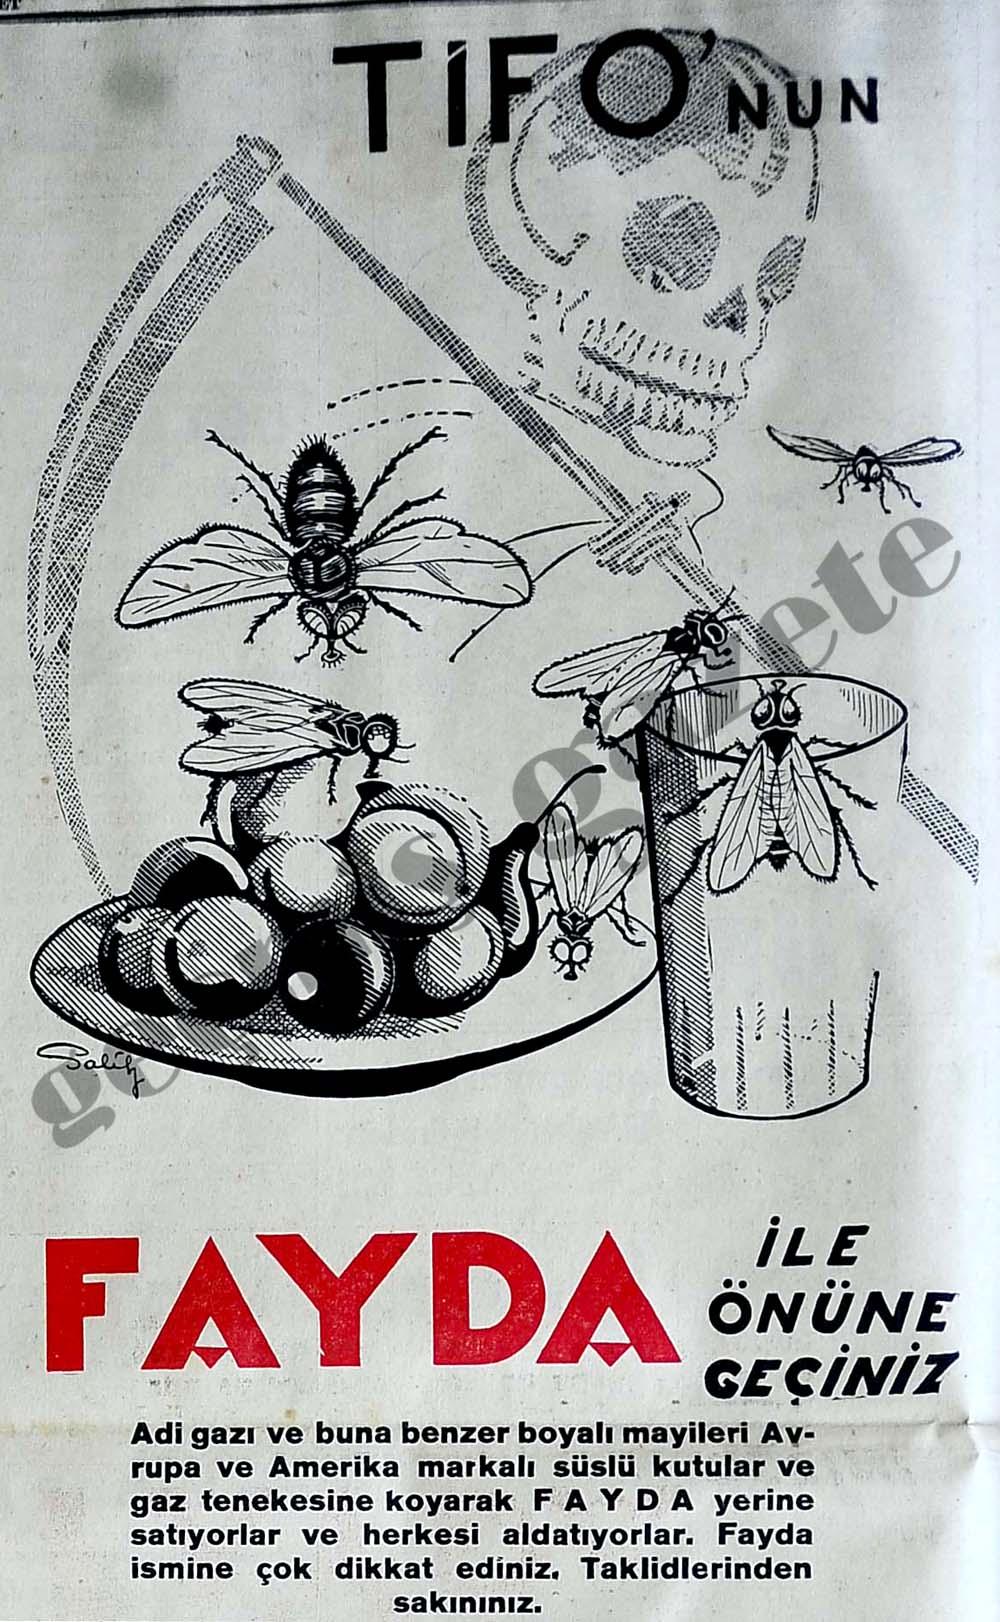 Tifo'nun Fayda ile önüne geçiniz